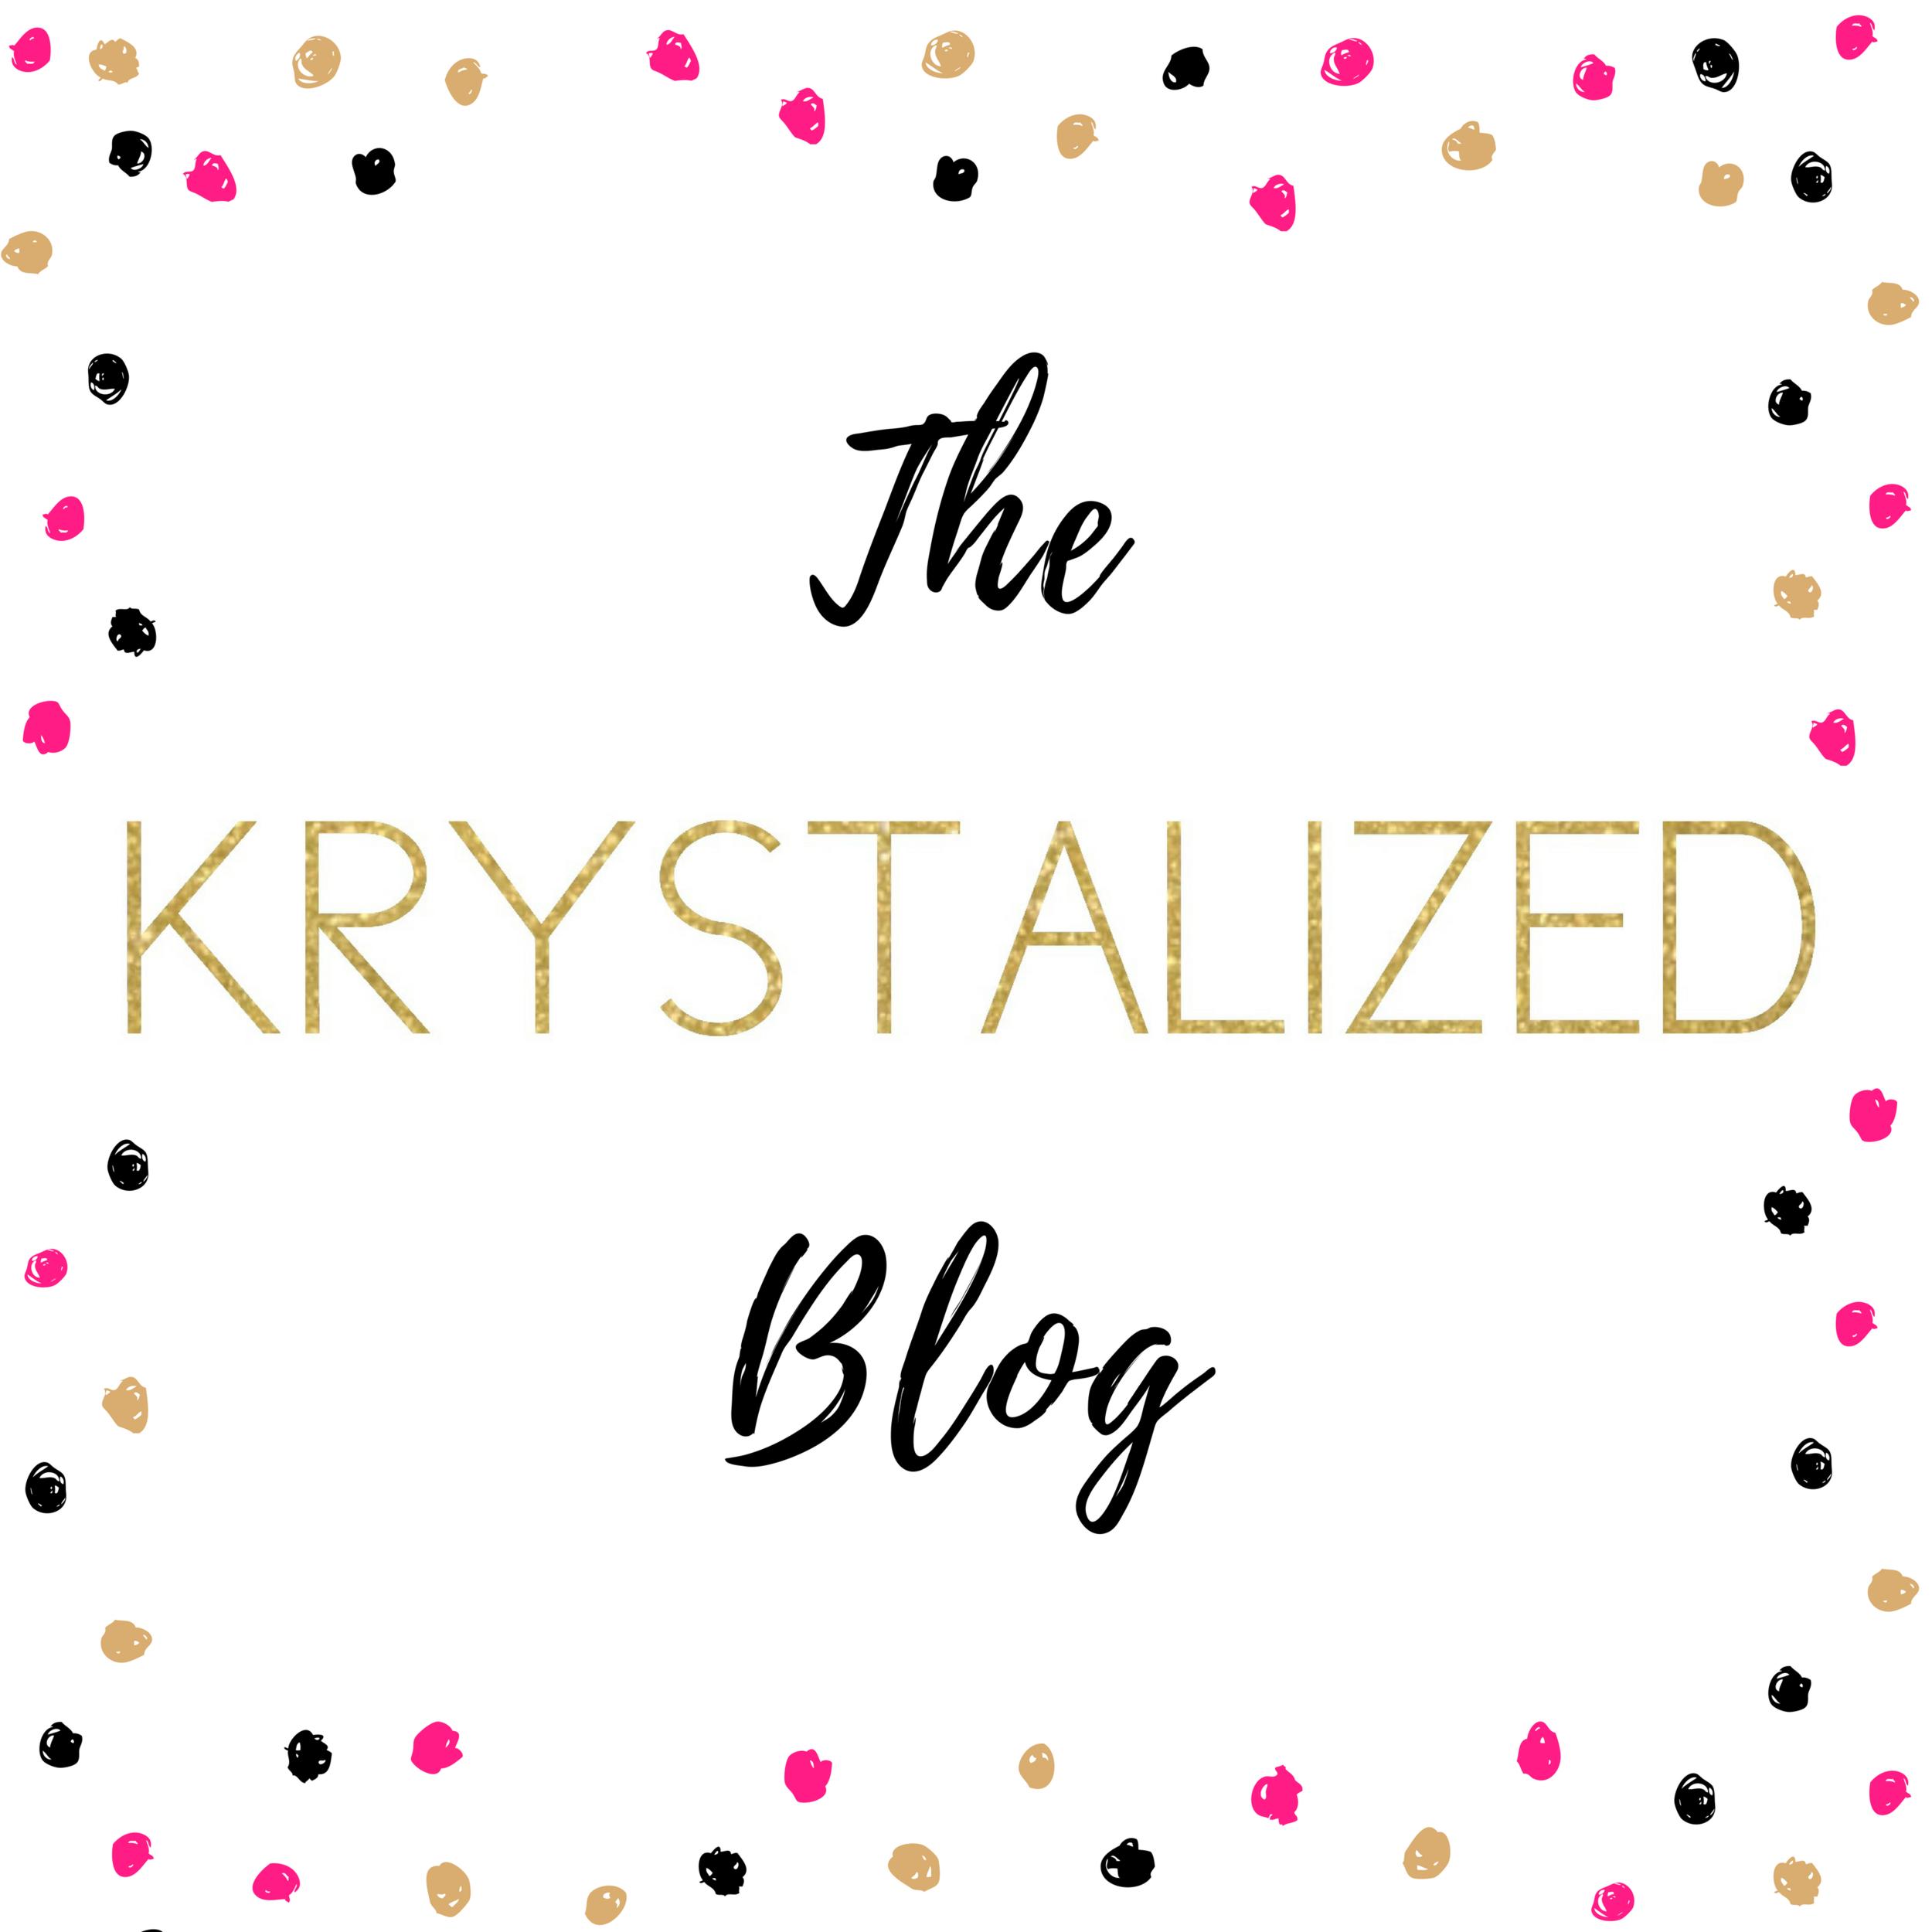 Krystalized Blog.png